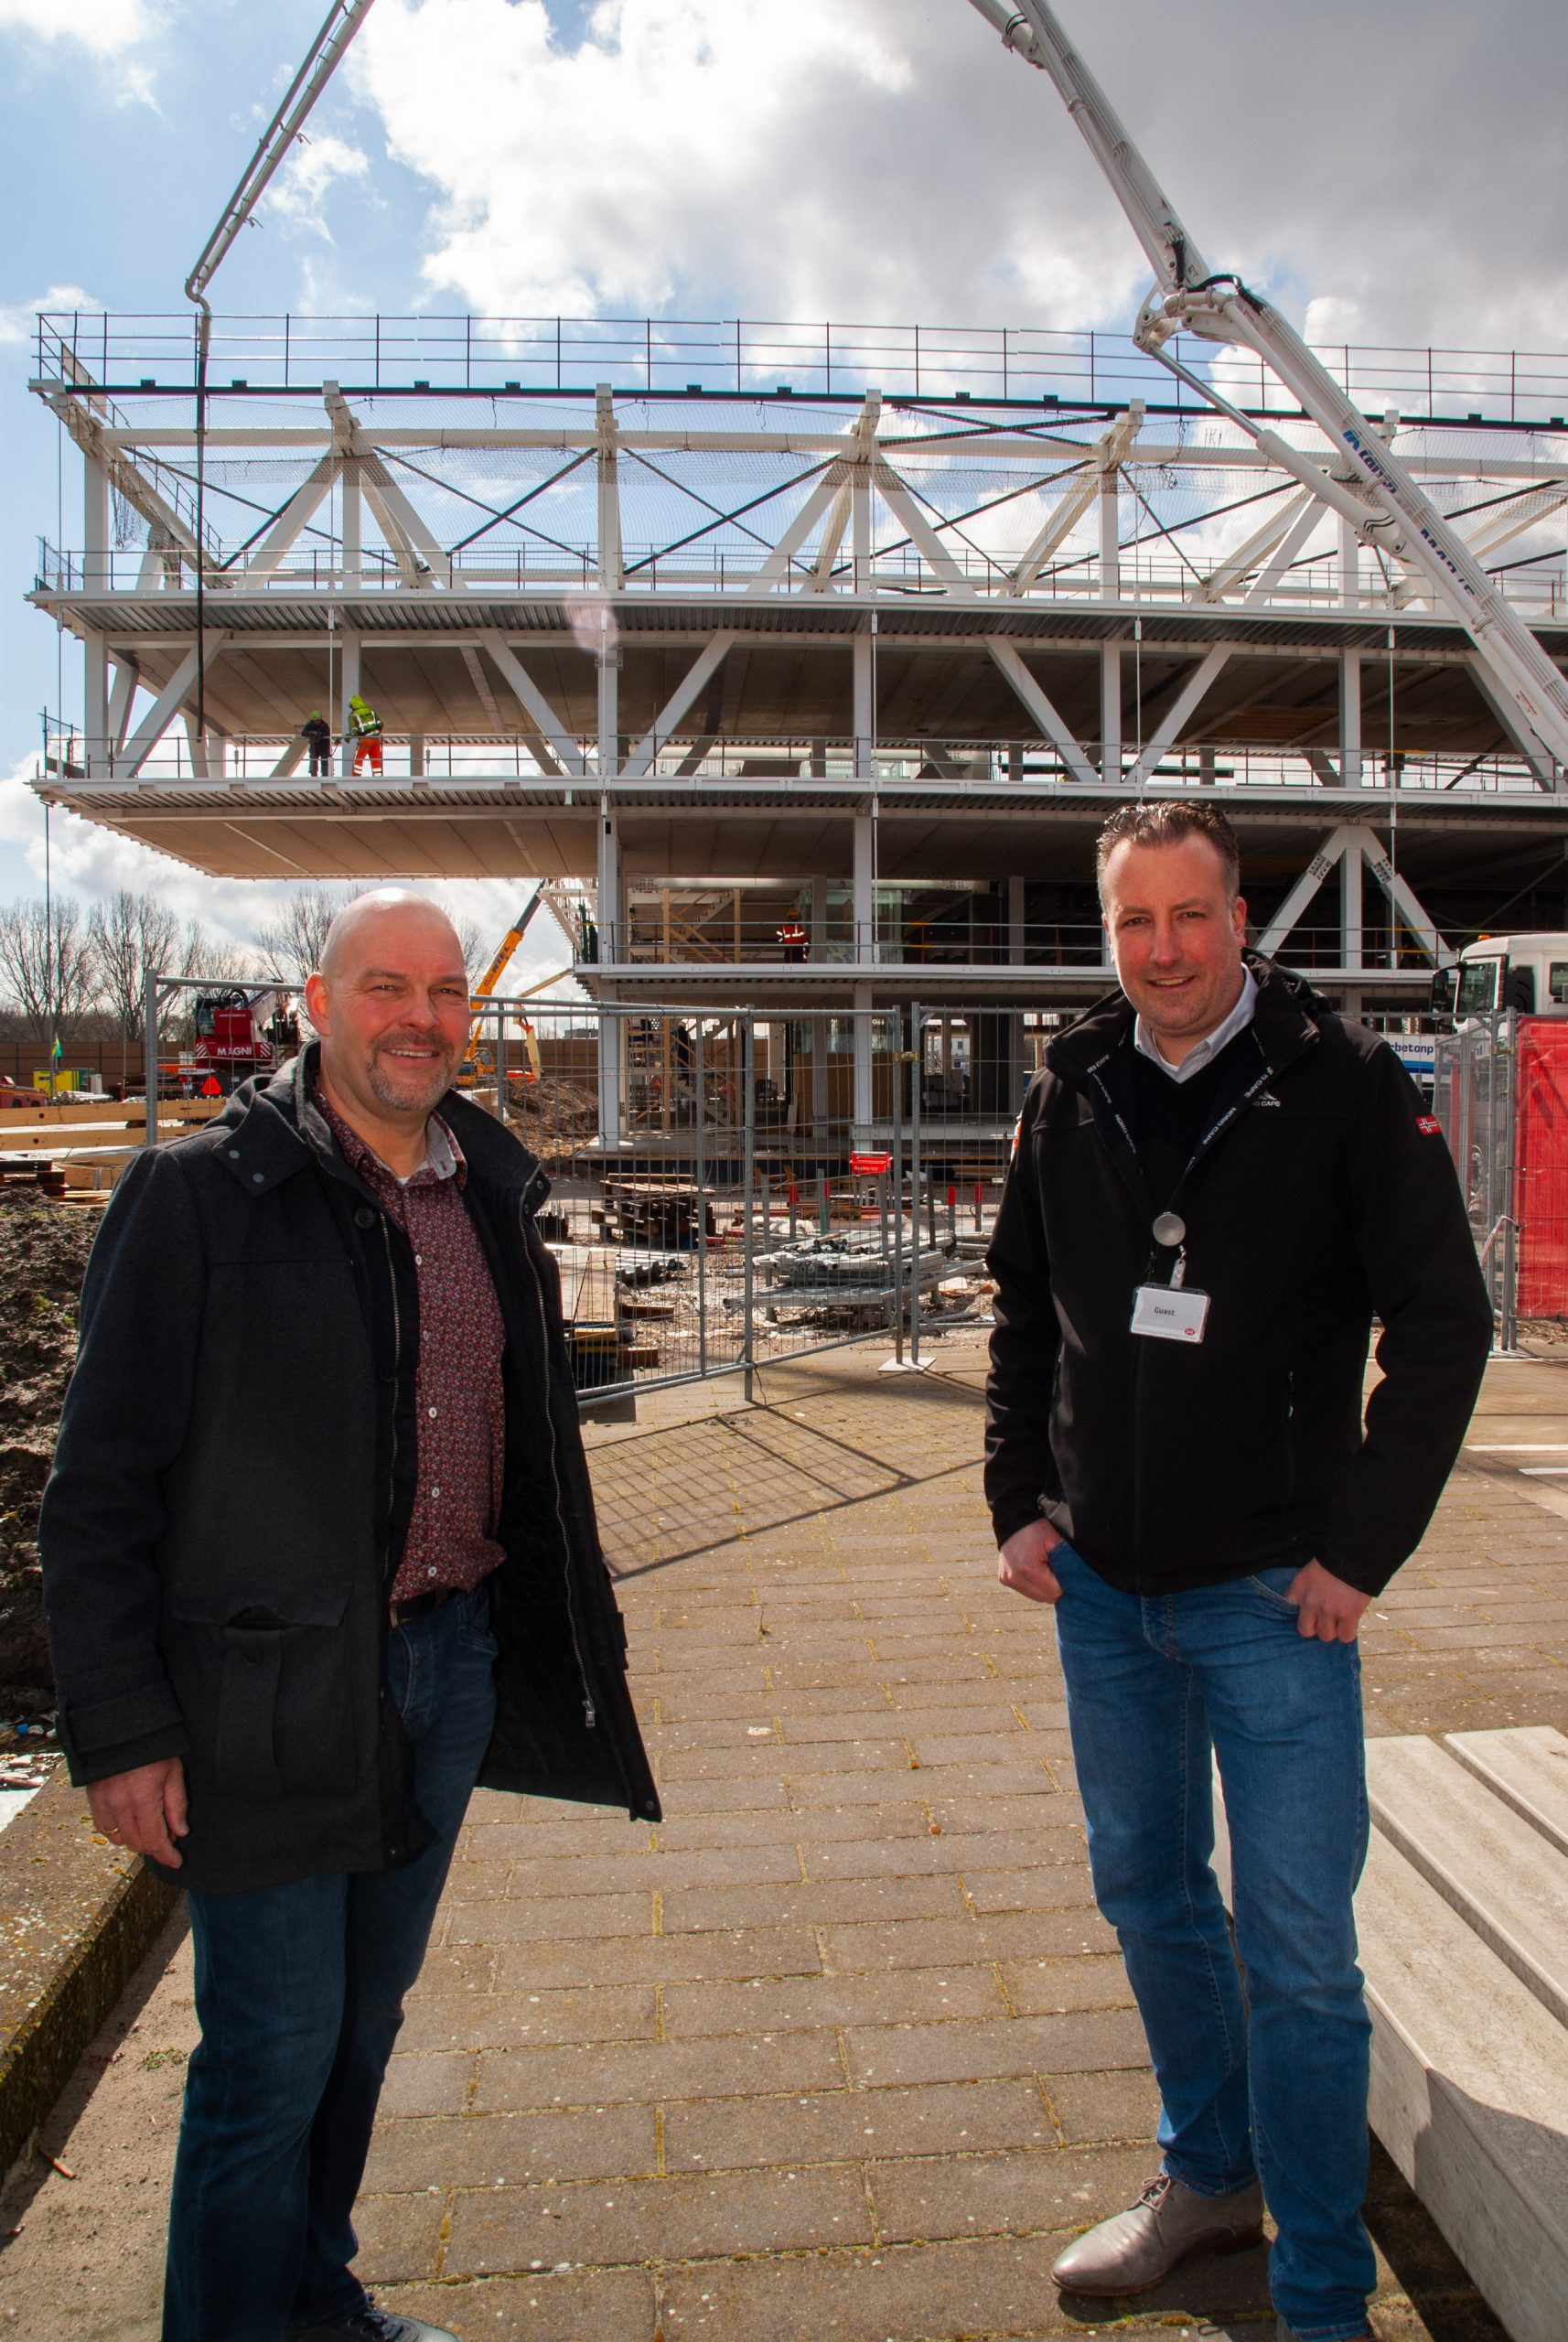 Edwin Hazelzet van Lely en Conor Brouwer van IDDS met op de achtergrond de nieuwbouw in volle gang